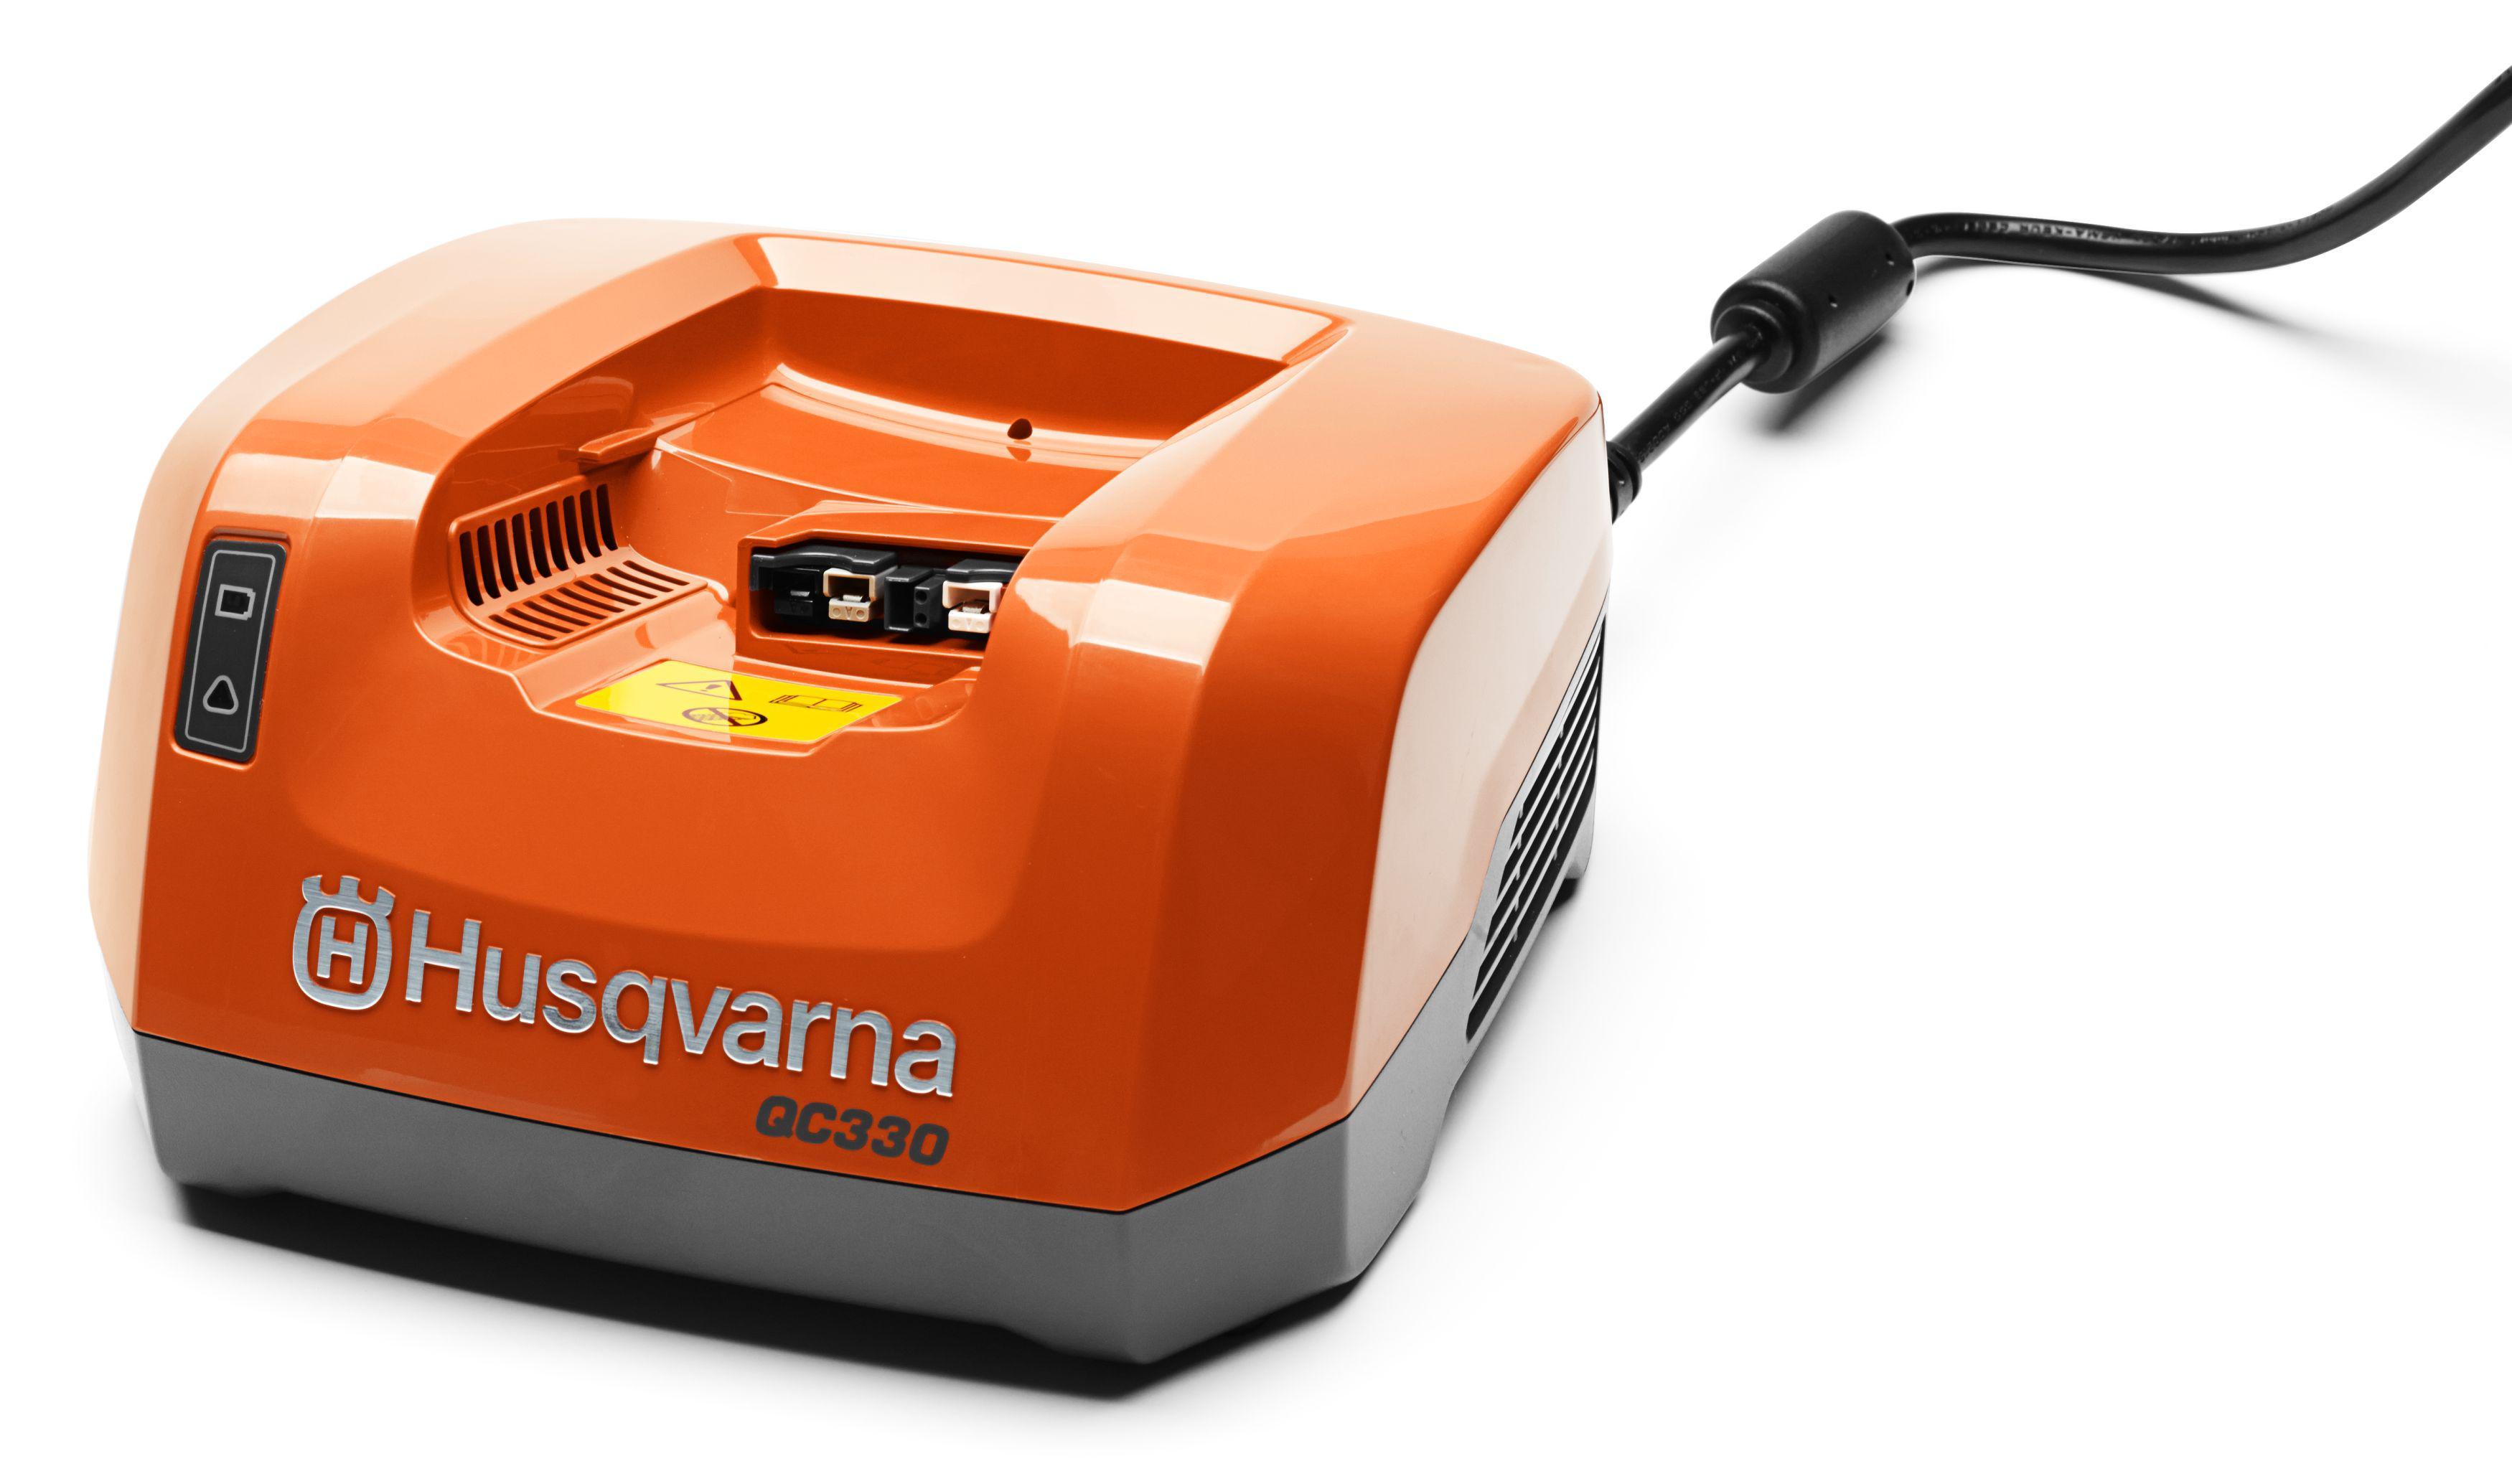 Зарядное устройство Husqvarna Qc330 (9670914-01) аккумулятор съемный husqvarna bli 200 9670919 01